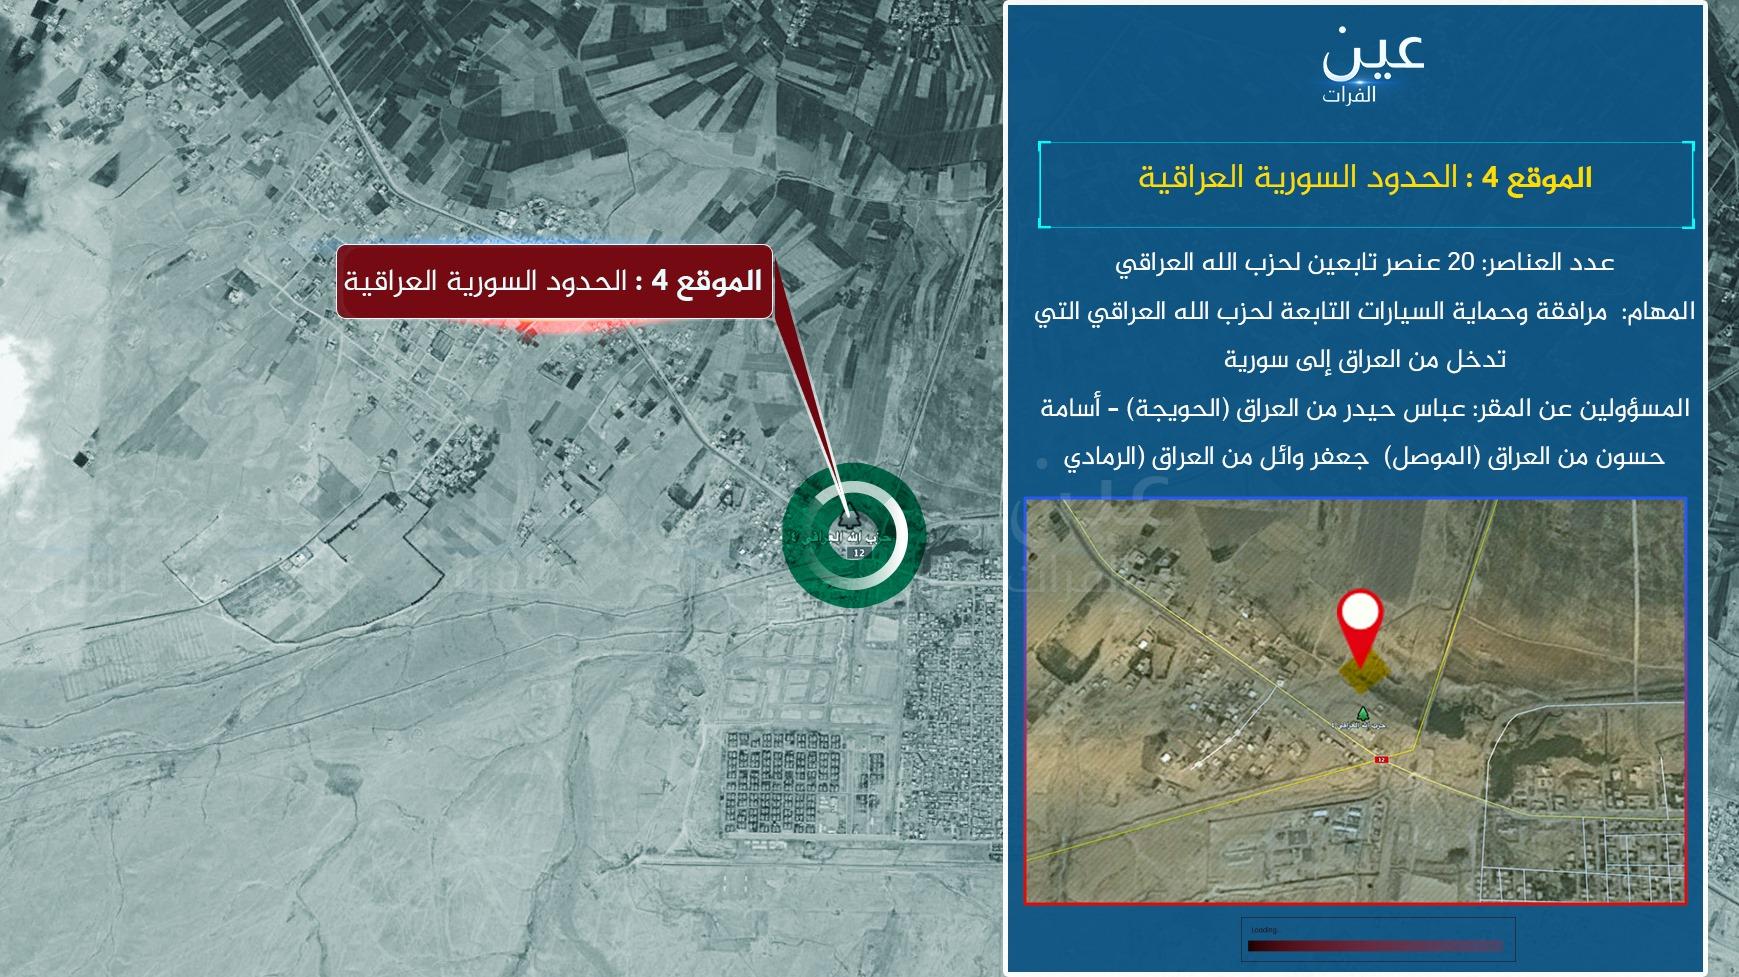 """""""عصبة الثائرين"""" ميليشيا إيرانية جديدة تنتشر في سوريا.. هذه مخططاتها وأماكن تواجدها"""